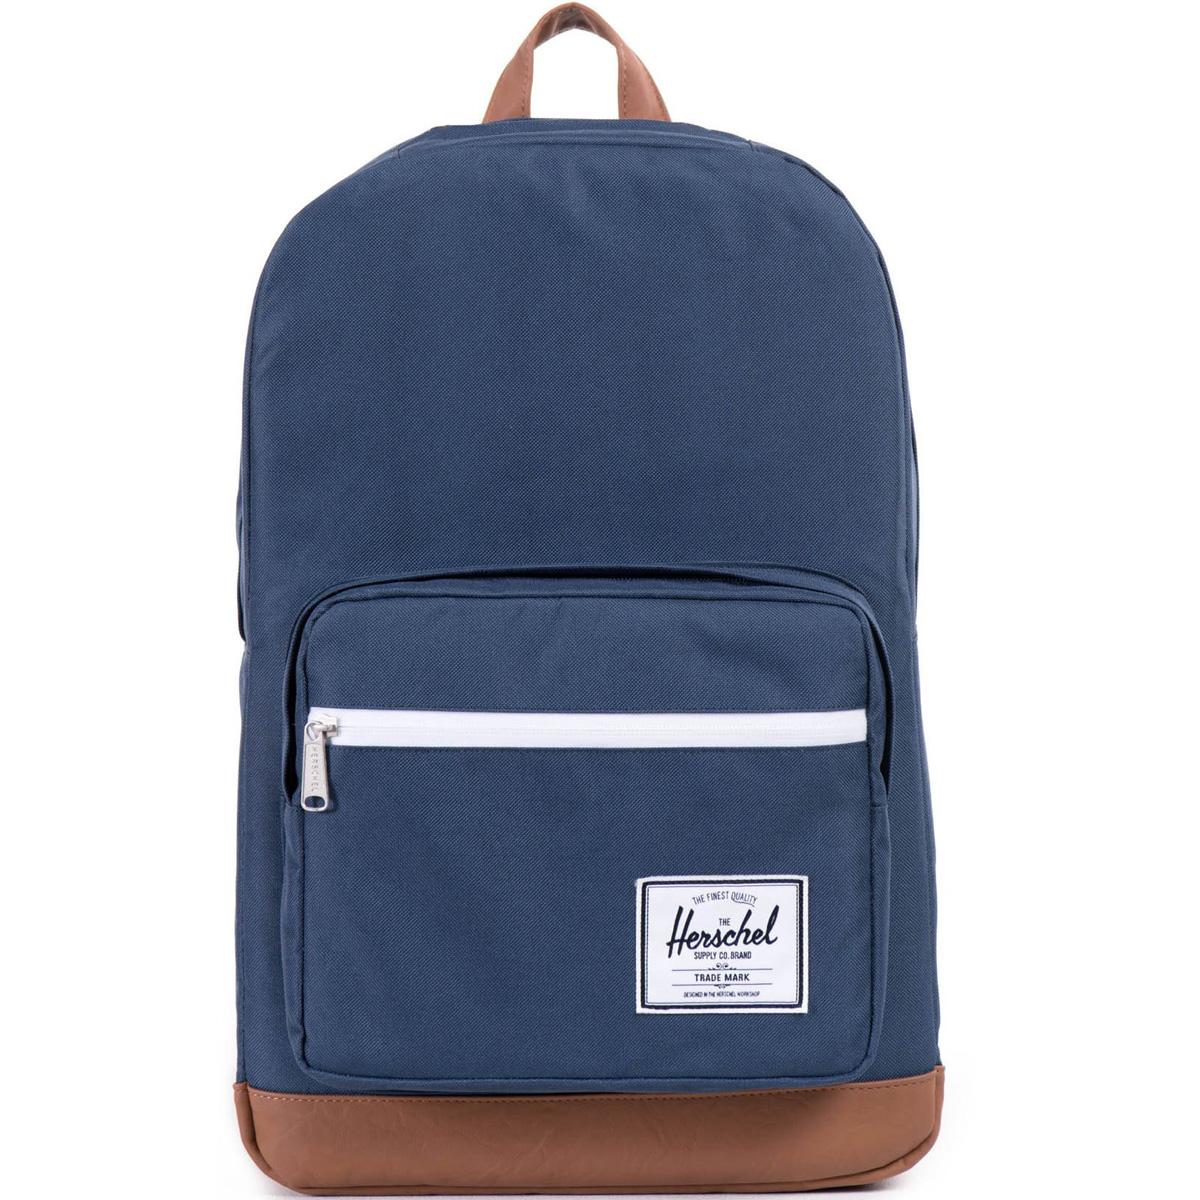 Рюкзак городской Herschel Pop Quiz (A/S), цвет: синий, светло-коричневый. 828432005666828432005666Рюкзак Herschel Pop Quiz ™ универсальный рюкзак для школы и работы с широким спектром карманов и органайзера.